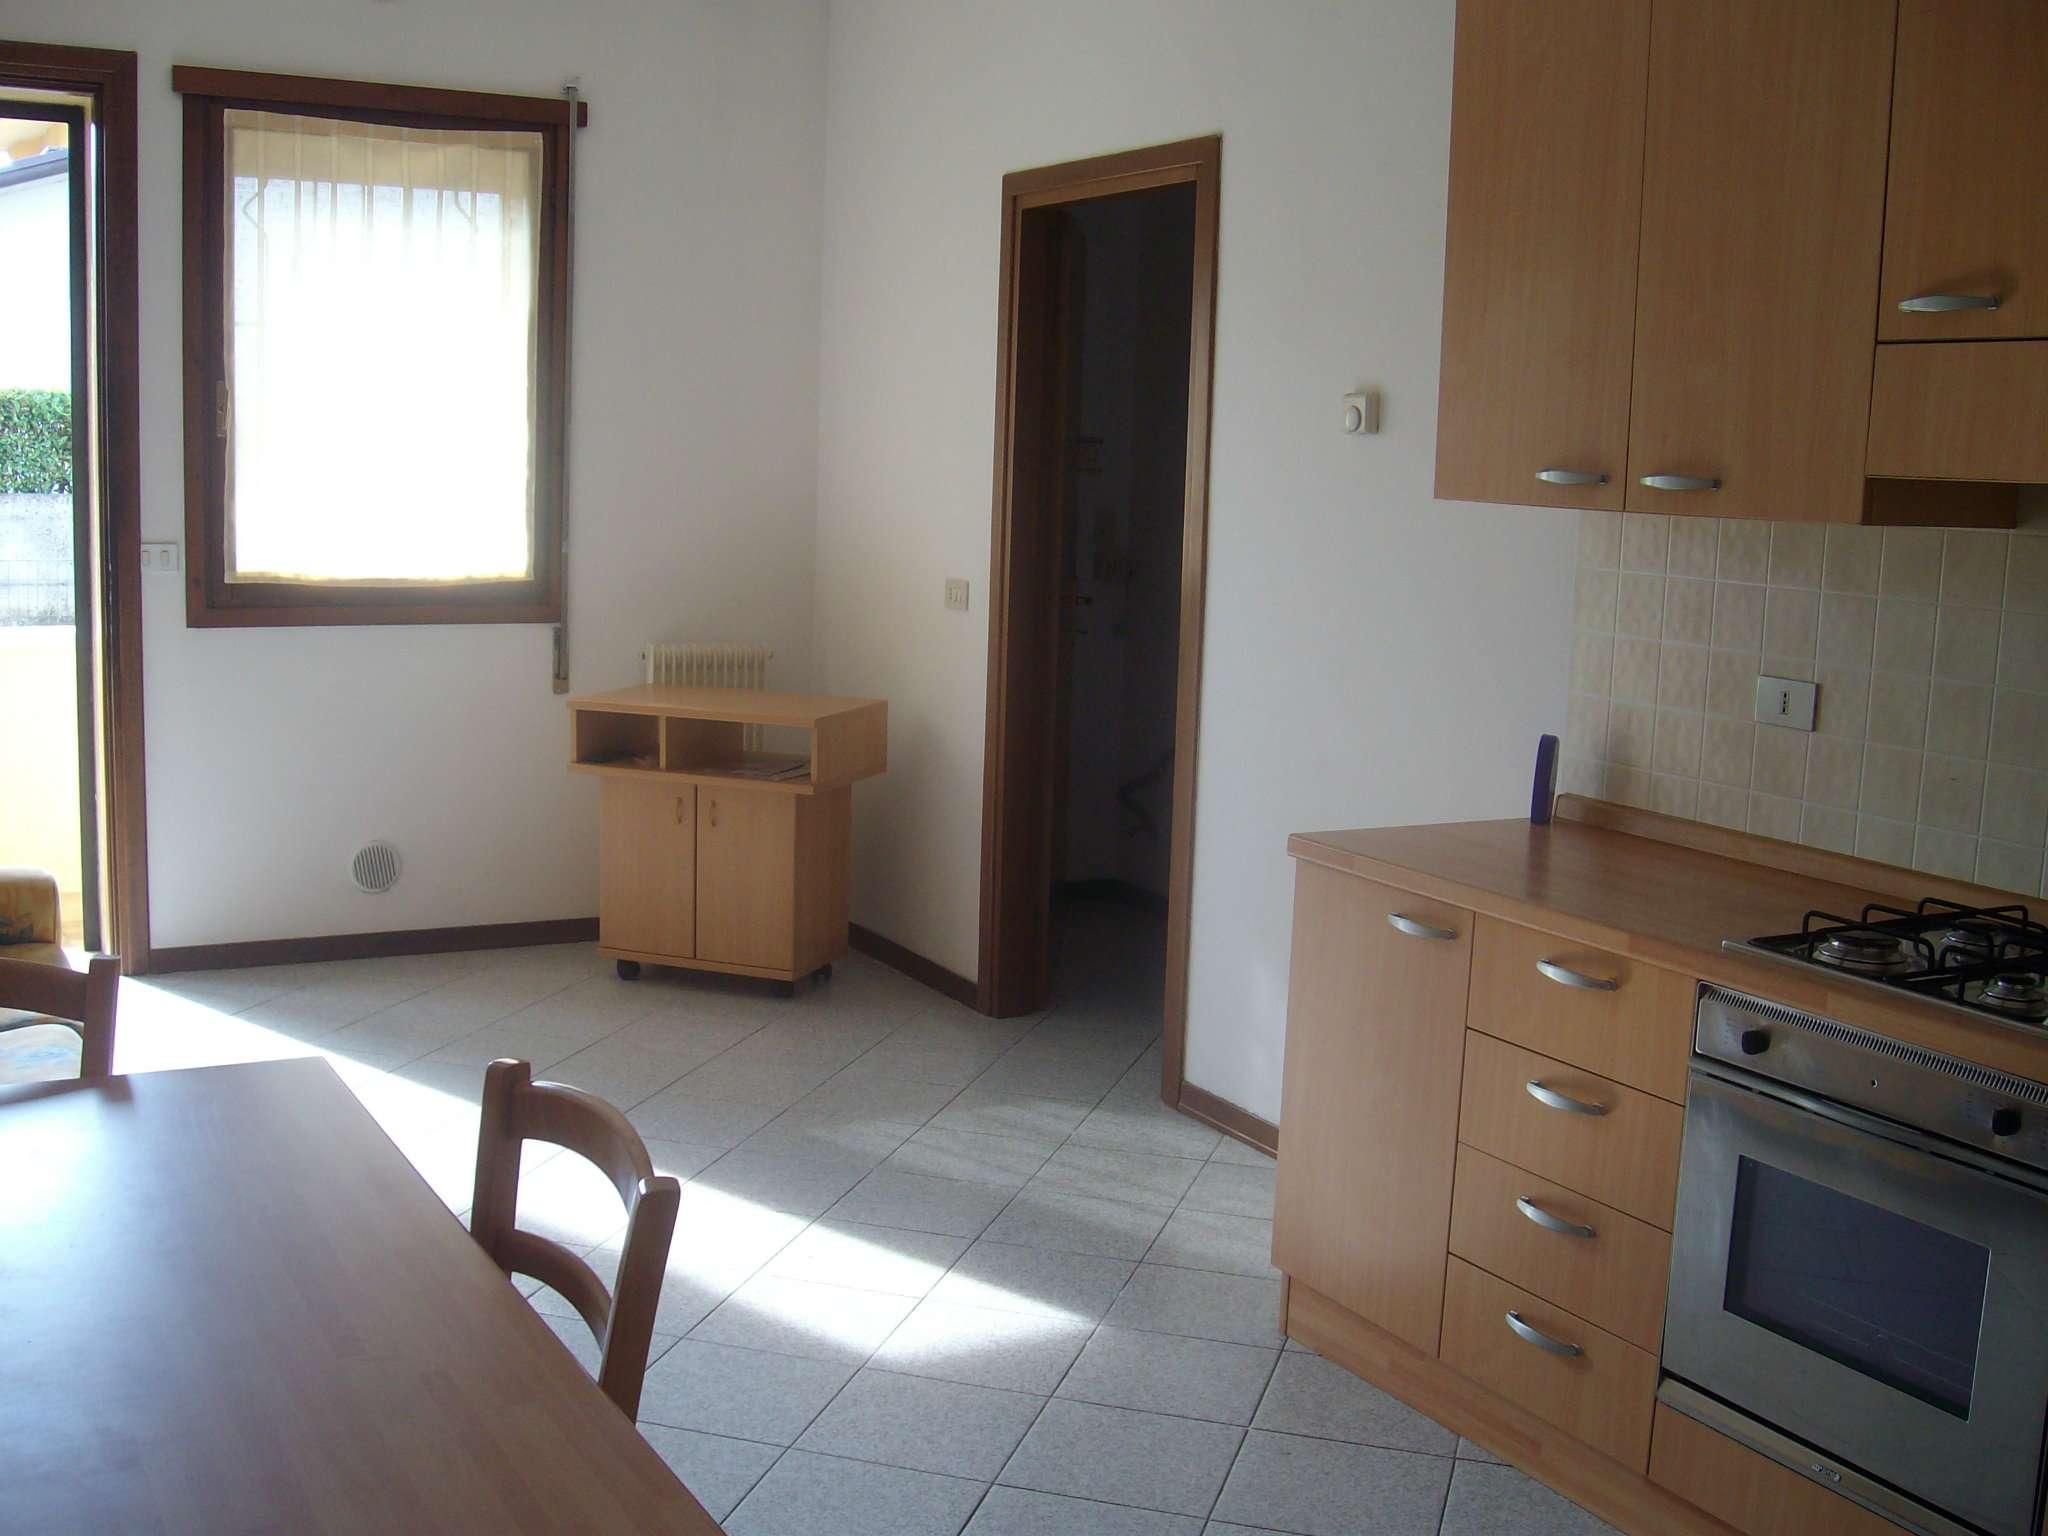 Appartamento in affitto a Loria, 2 locali, prezzo € 400 | Cambio Casa.it